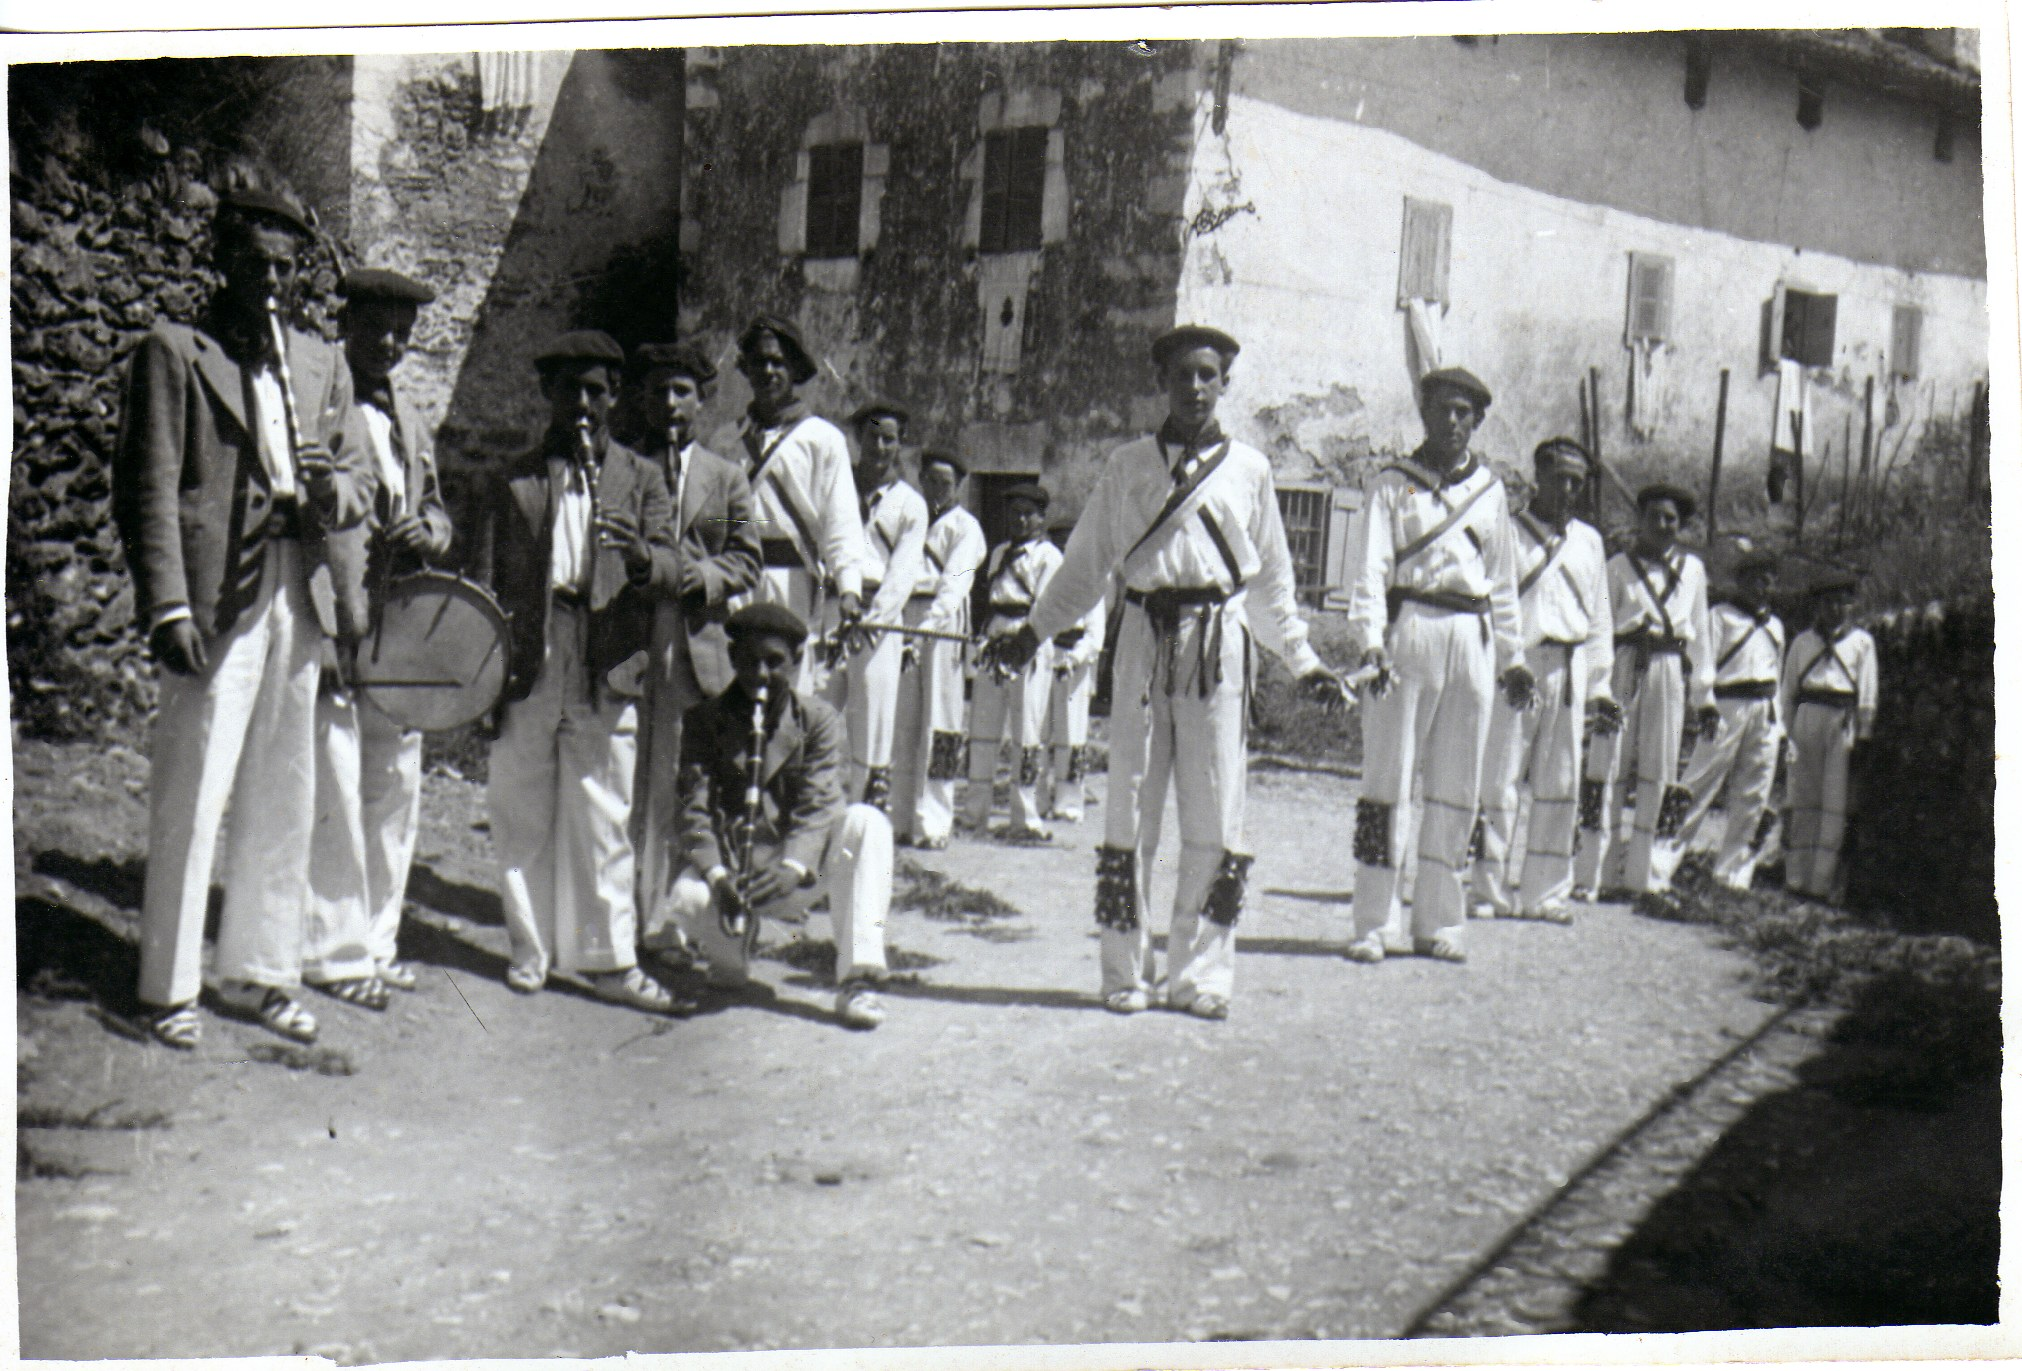 Igantziko dantzariak eta musikariak Besta Berri egunez (1940 baino lehenagoakoa).